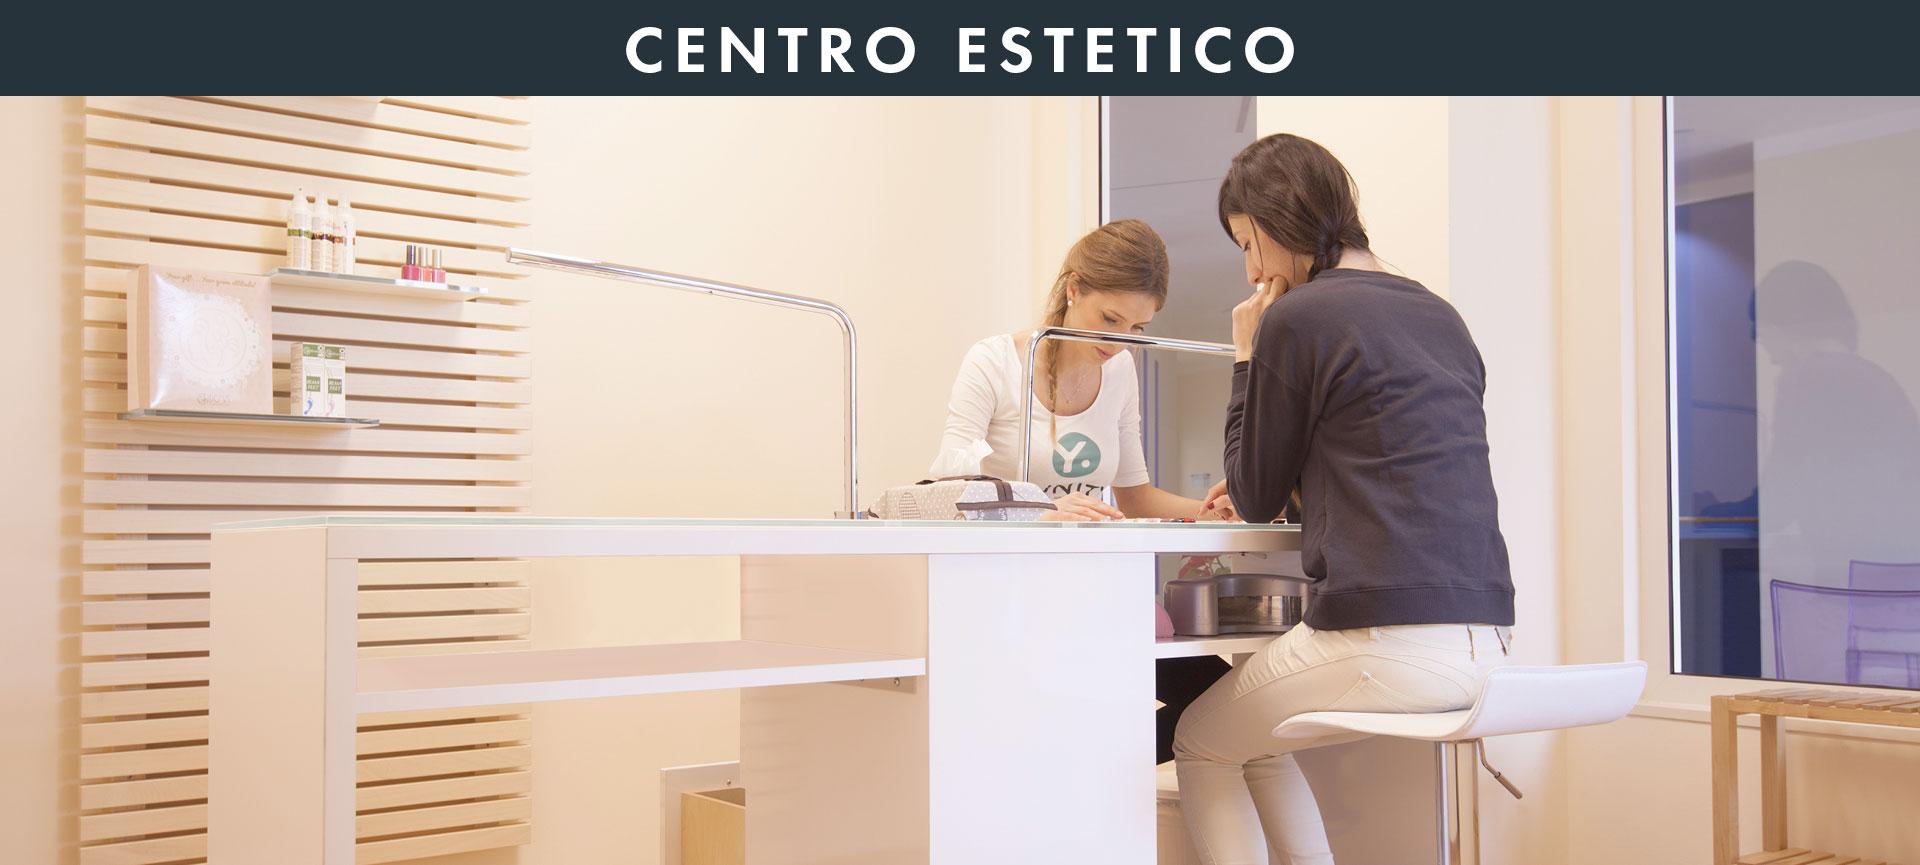 17022016_centro_estetico_web